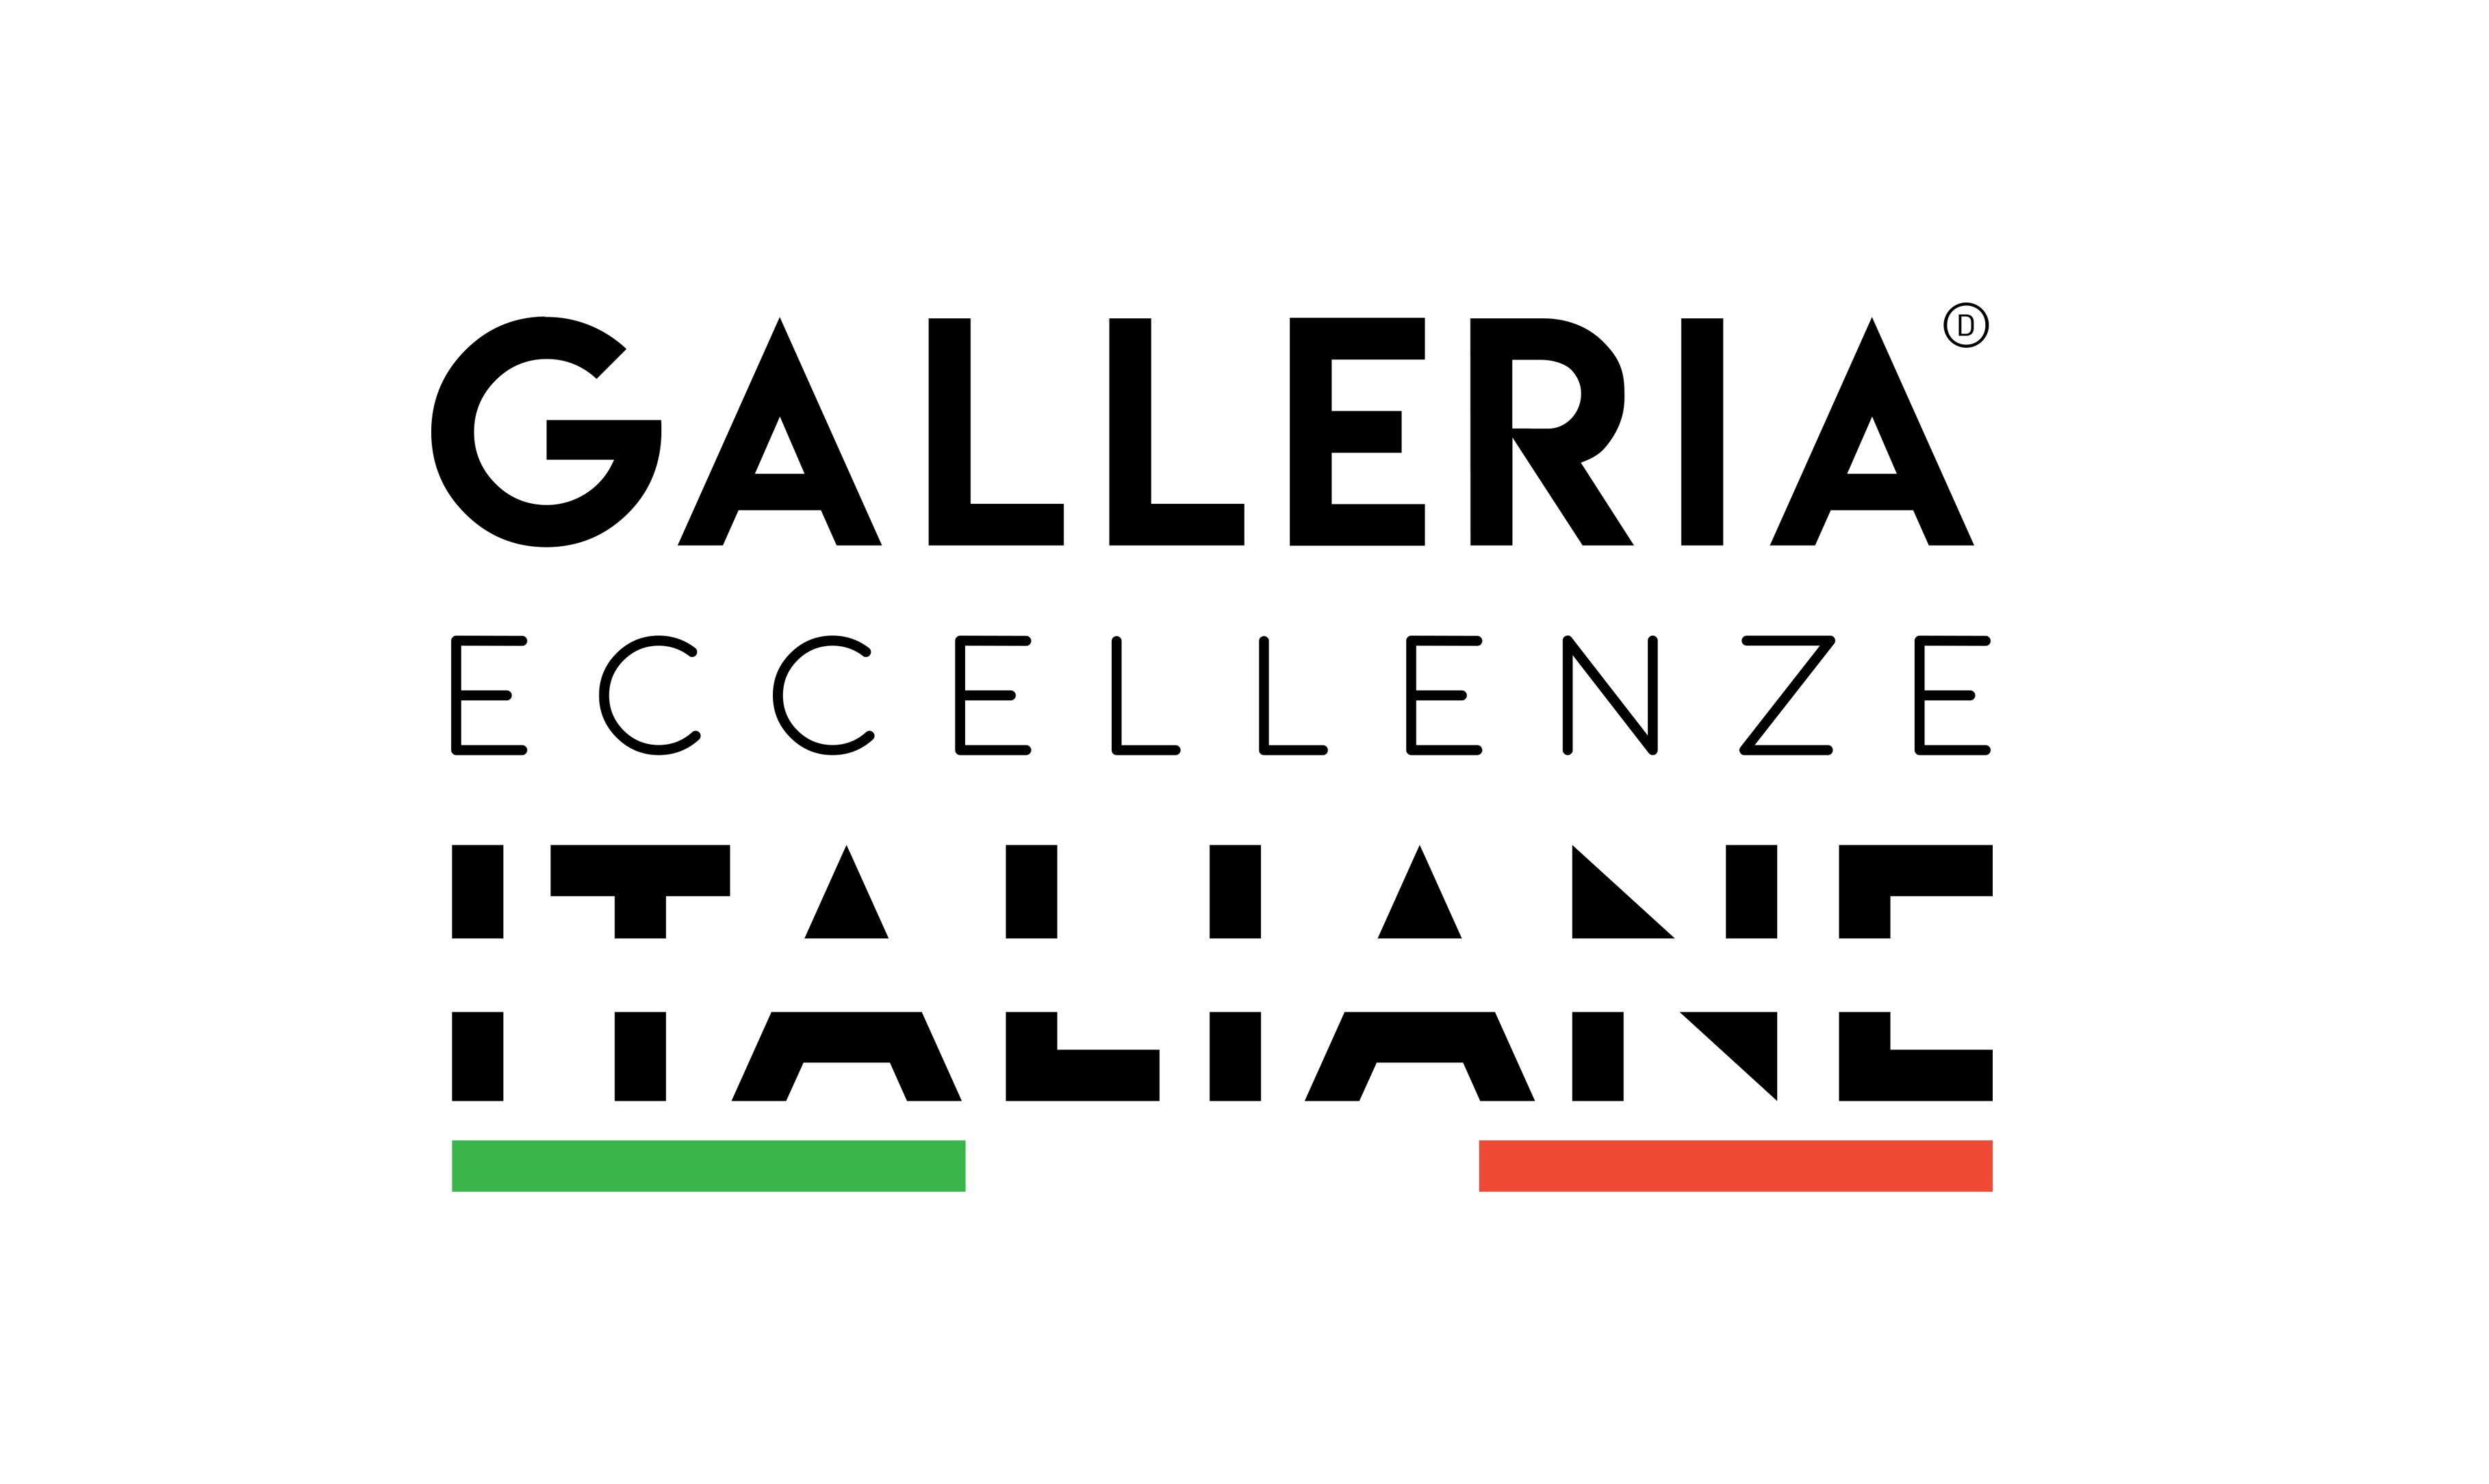 Menzione Speciale in Galleria delle 100 Eccellenze Italiane